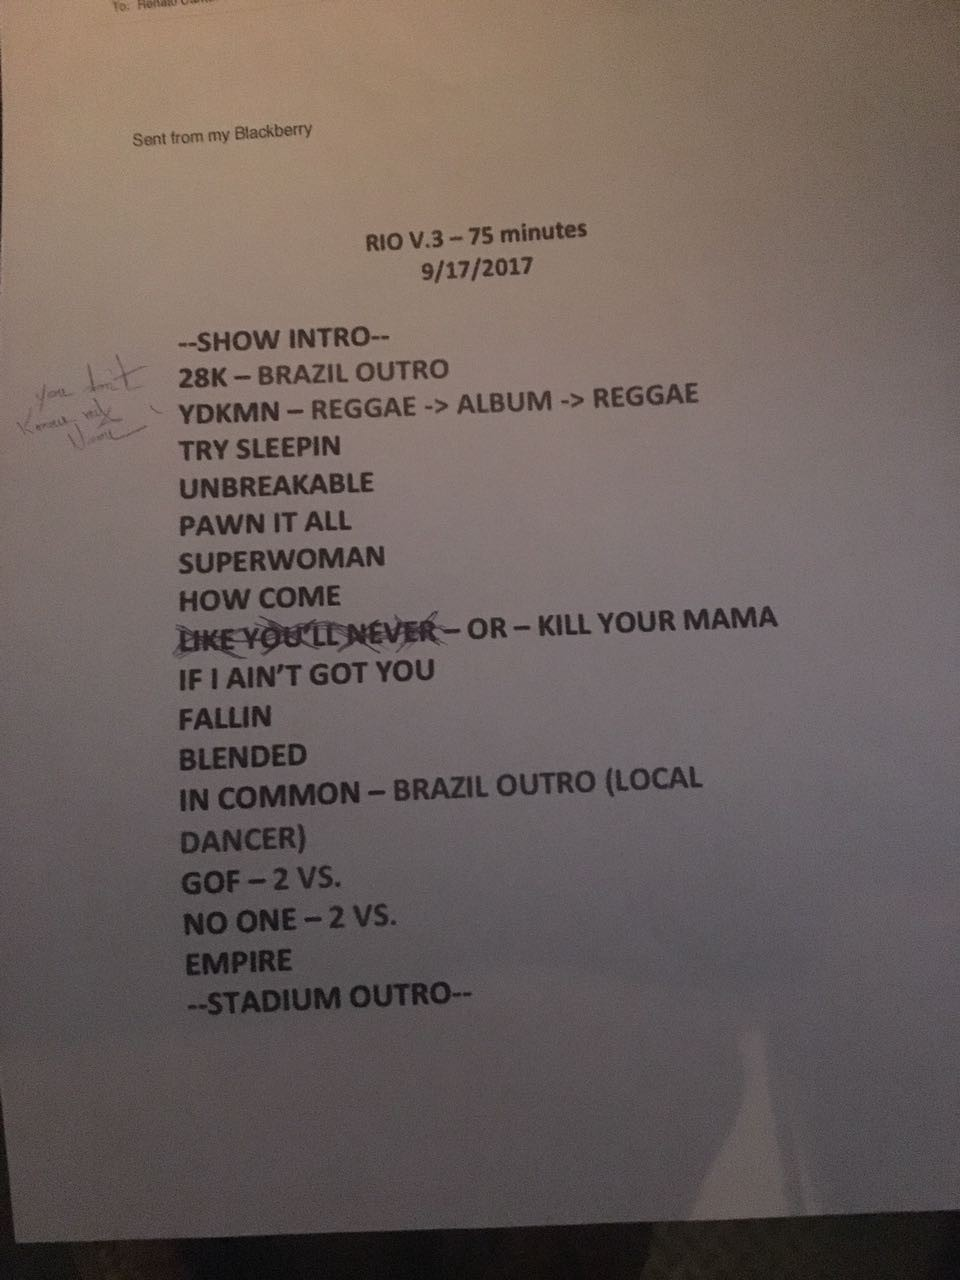 Confira o setlist de Alicia Keys para o show deste domingo, no Palco Mundo do Rock in Rio (Foto: Multishow)